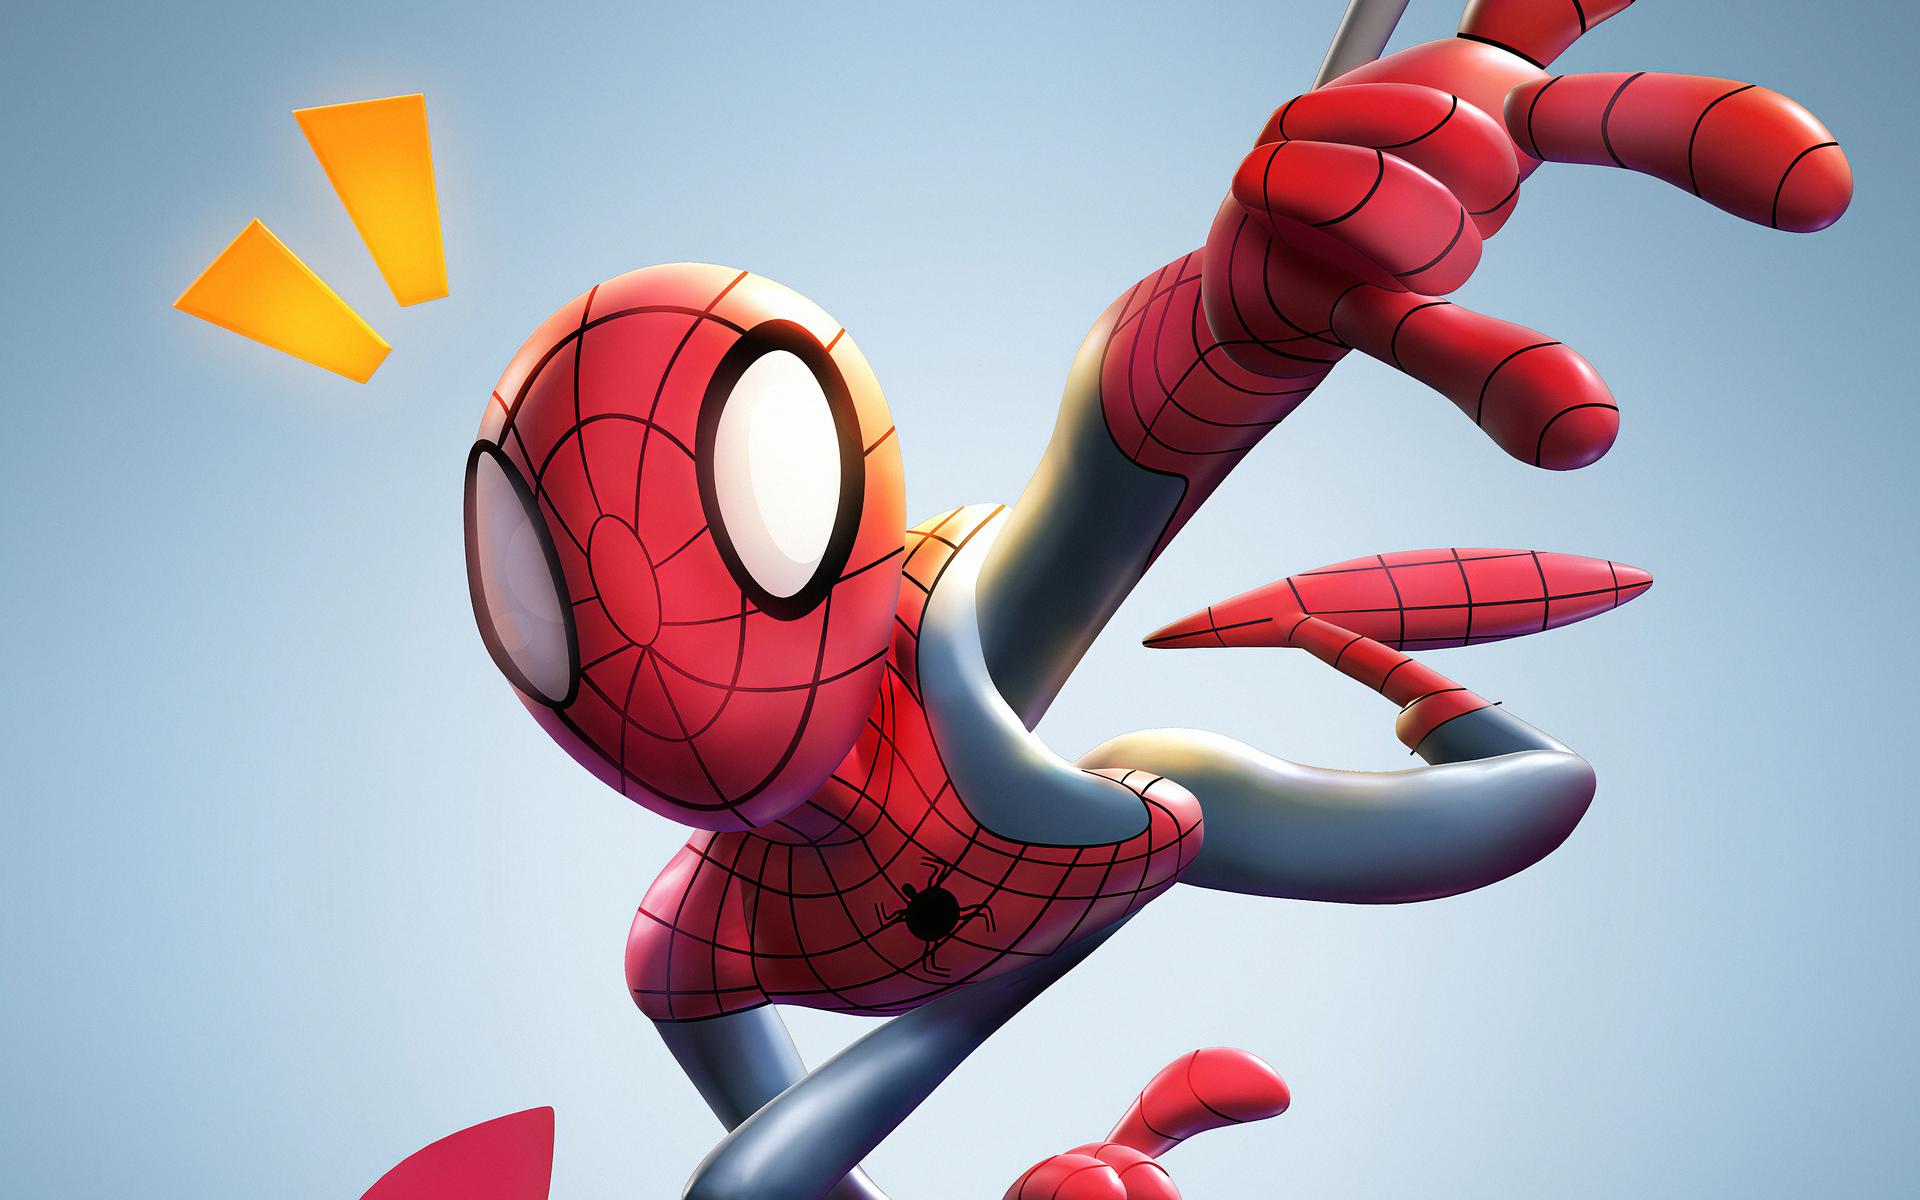 spider-man4k-kid-gf.jpg